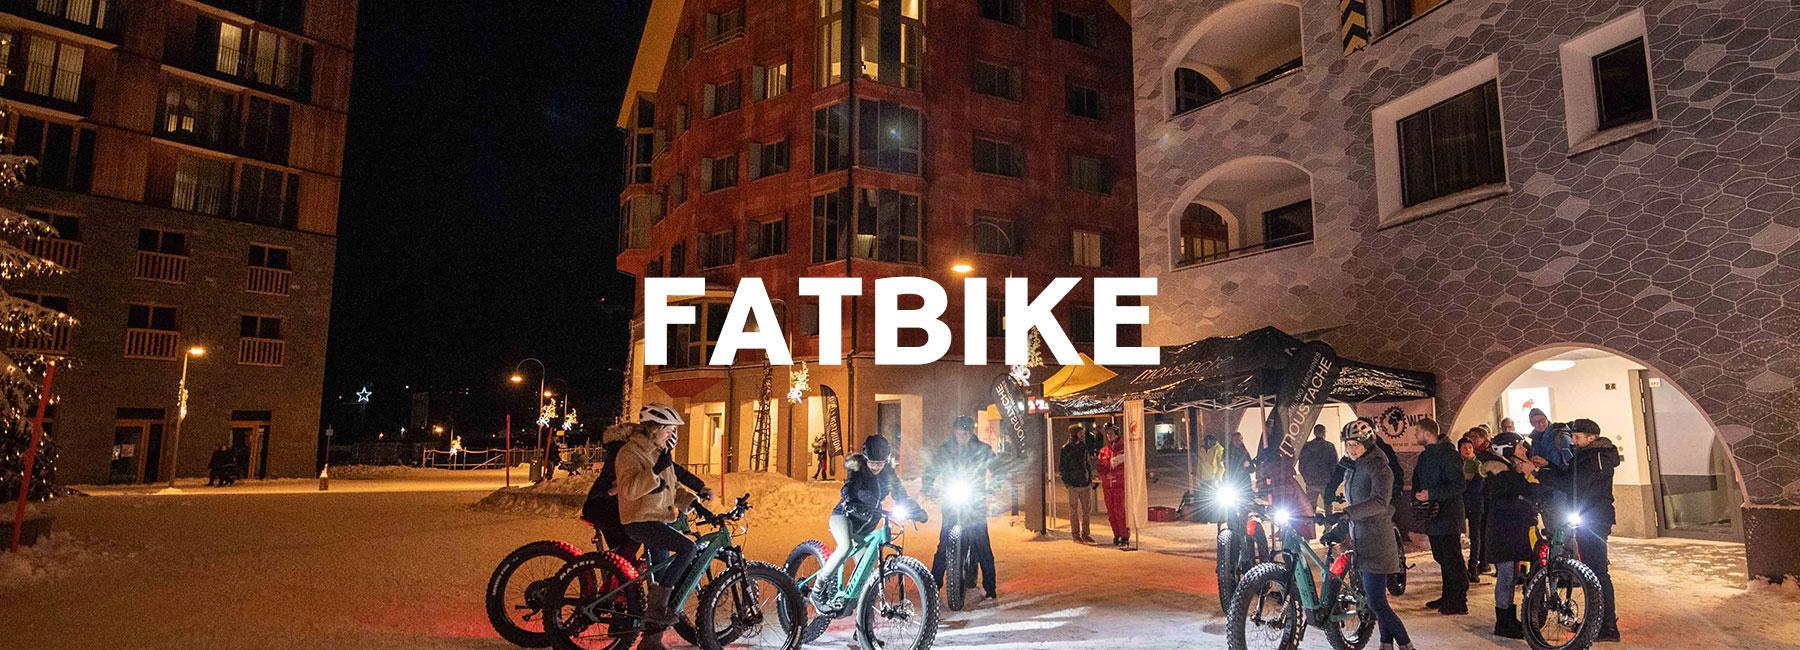 Fatbiken Andermatt